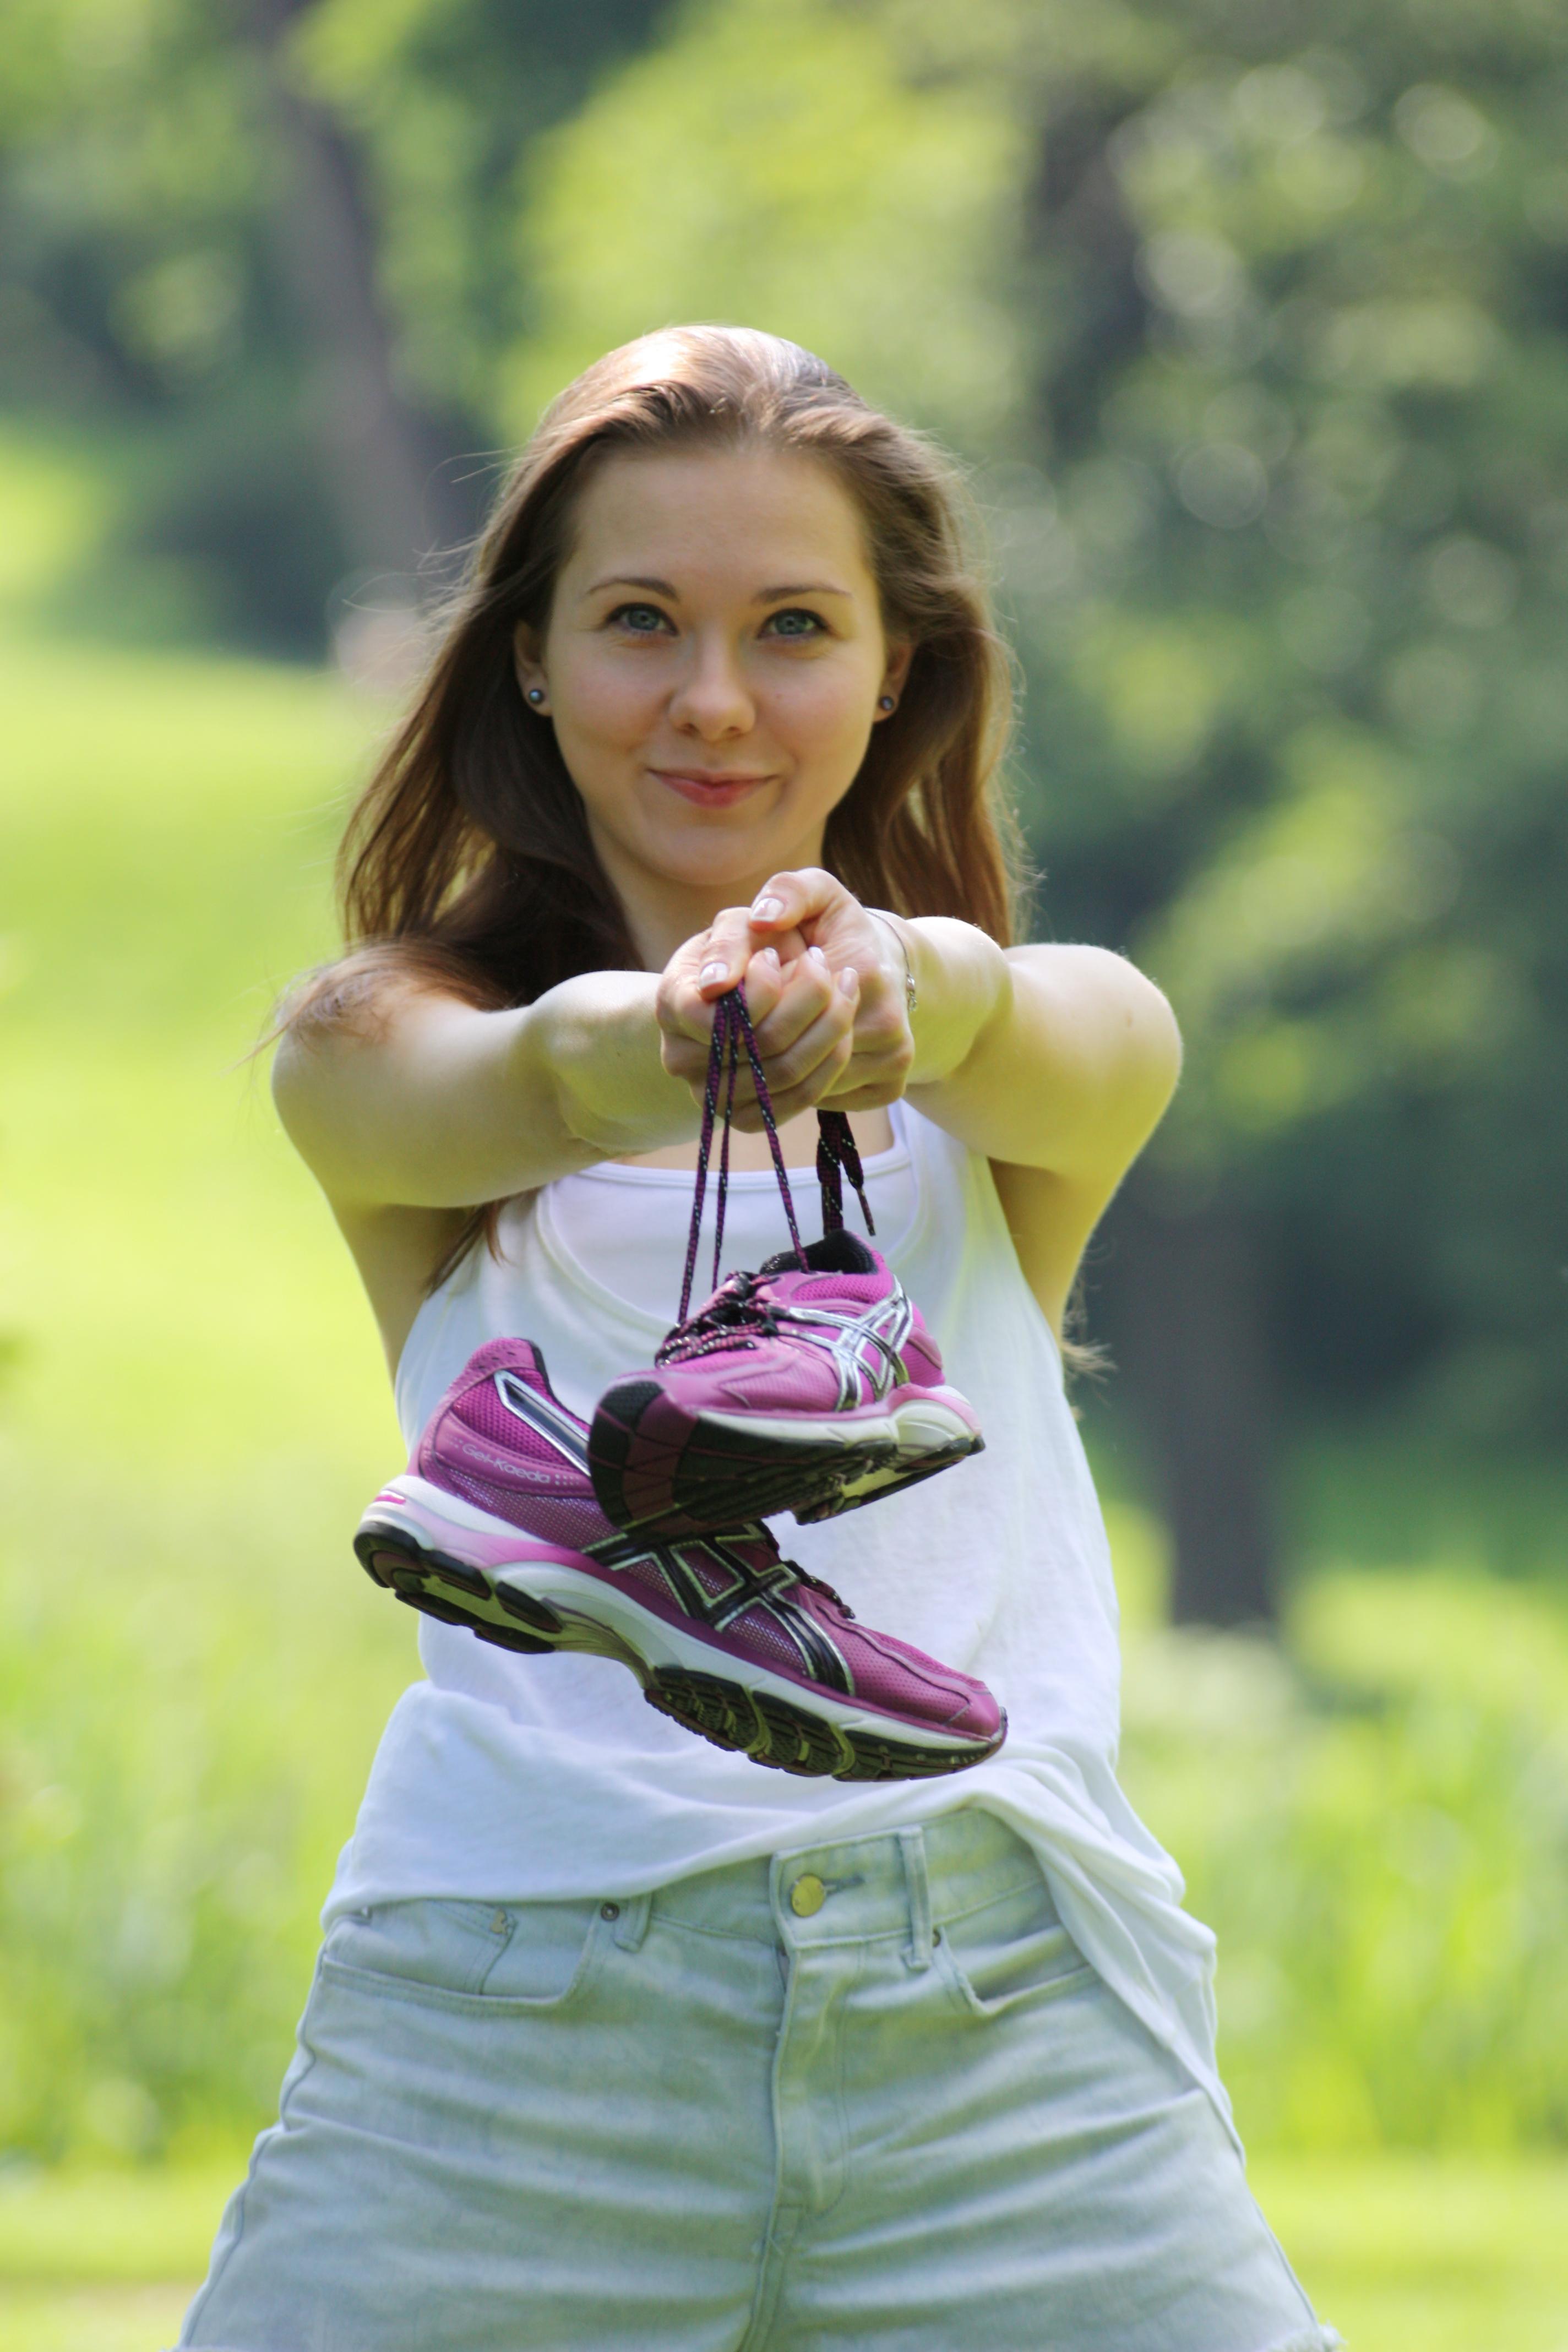 Życie jest piękniejsze w butach do biegania.